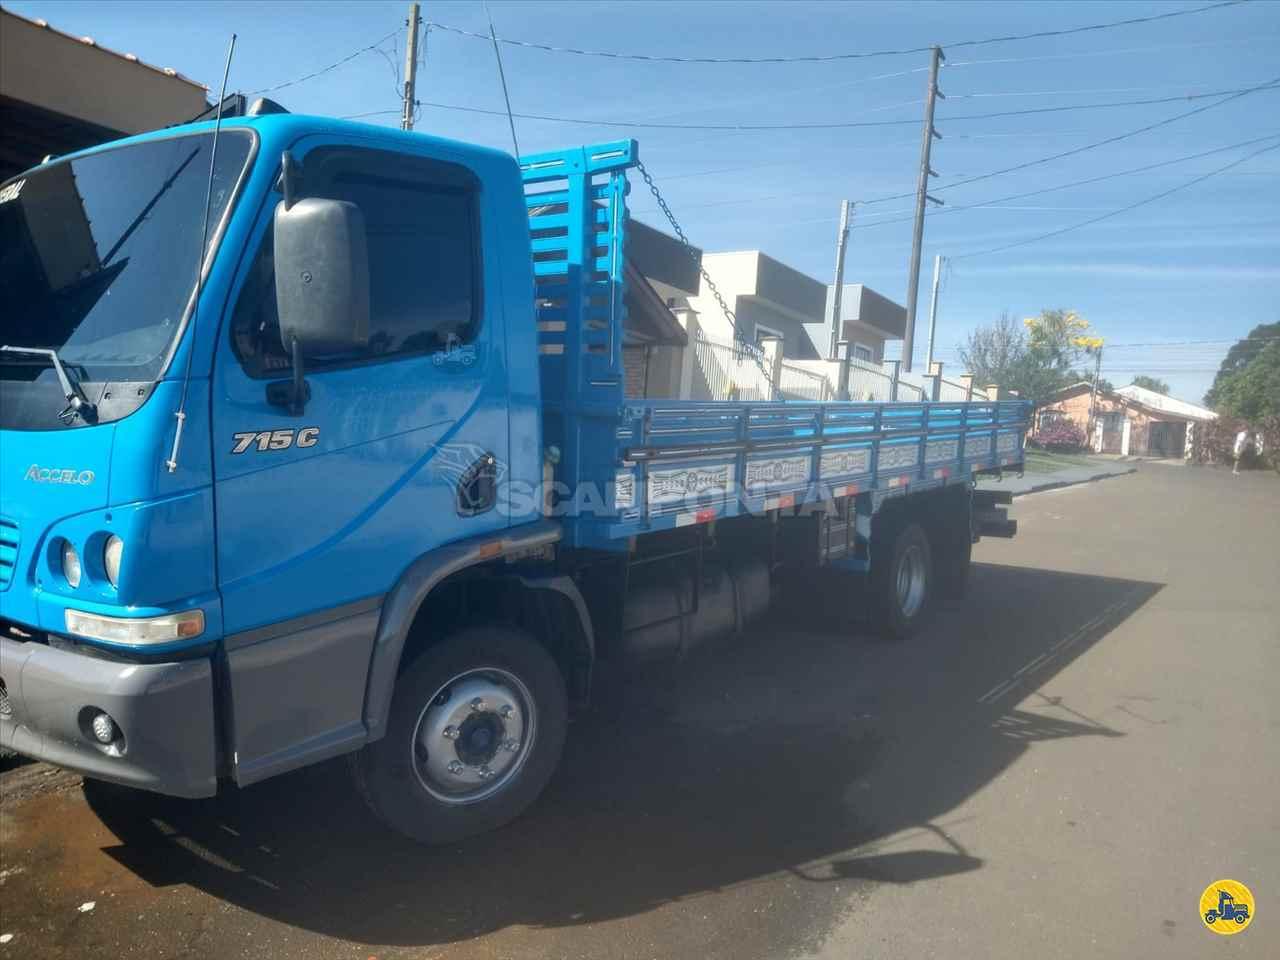 CAMINHAO MERCEDES-BENZ MB 715 Carga Seca 3/4 4x2 Scanponta Caminhões Peças e Serviços PONTA GROSSA PARANÁ PR